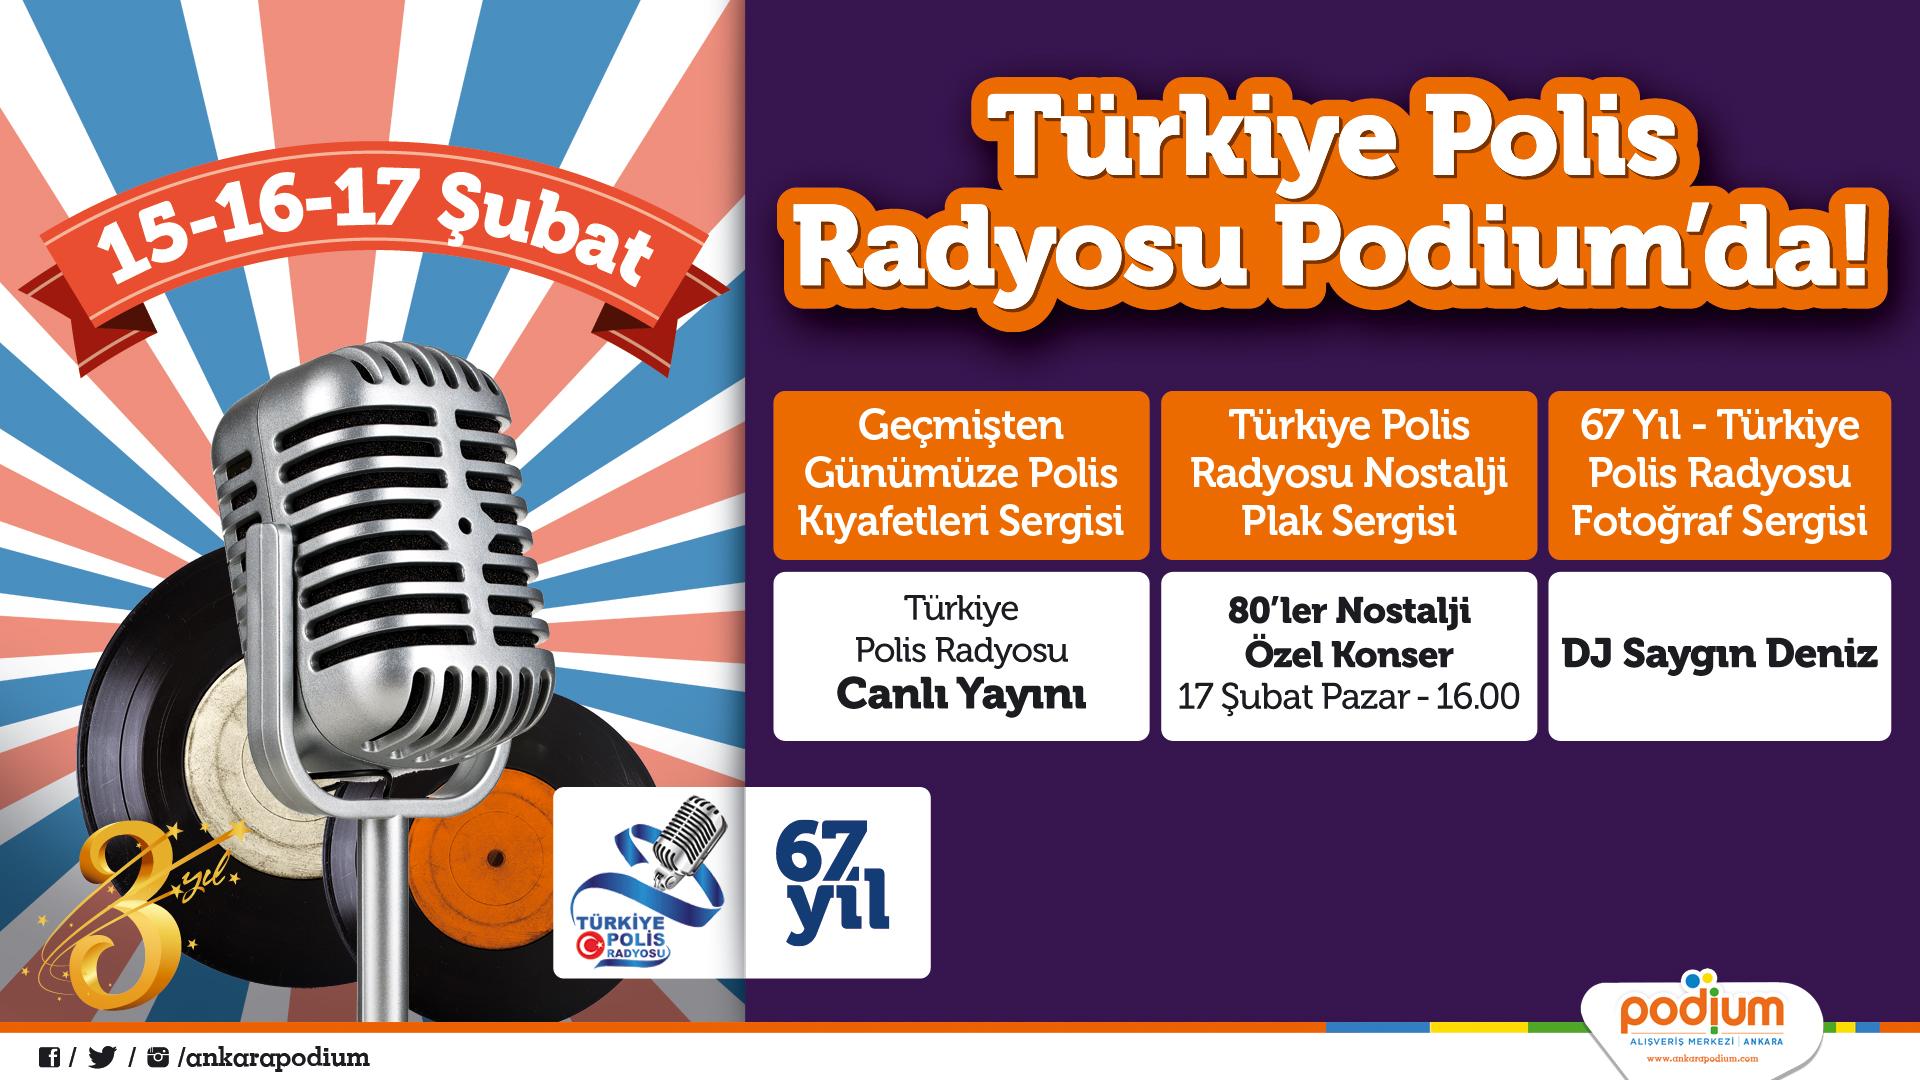 Türkiye Polis Radyosu'nun arşivi Podium Ankara'da sergilenecek